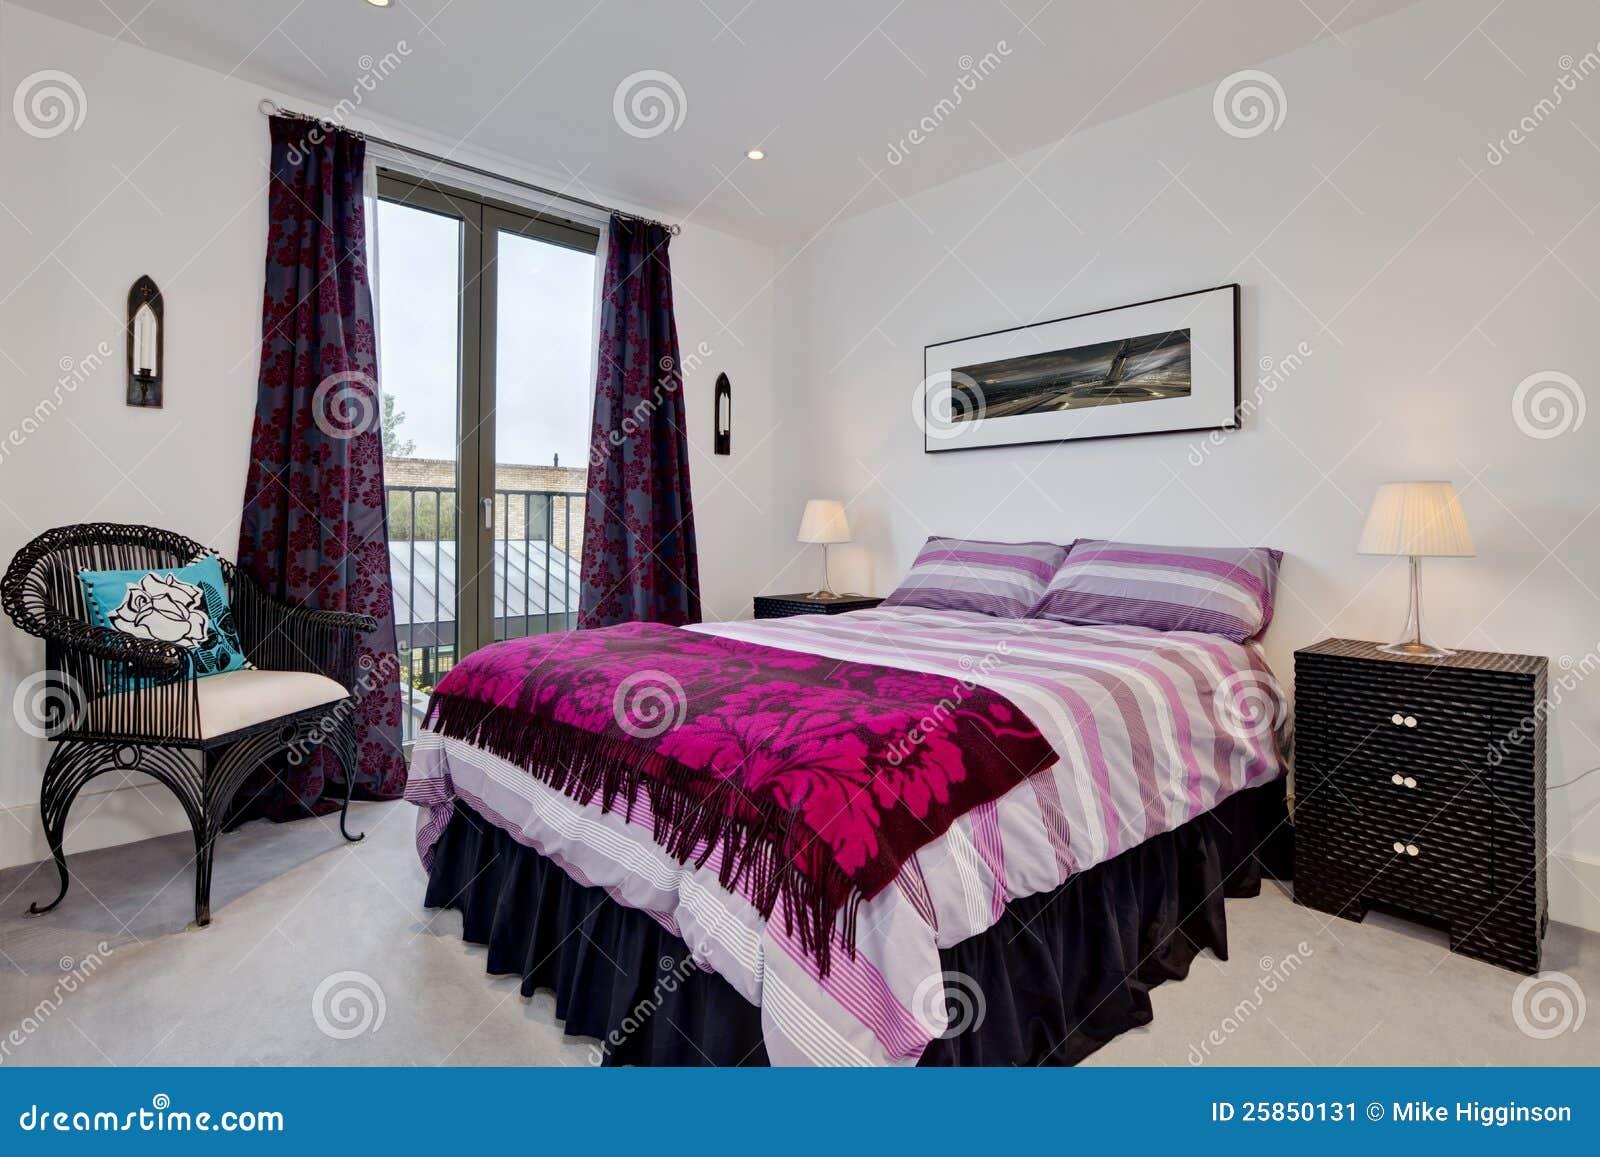 Int rieur moderne de chambre coucher image stock image for Interieur de chambre a coucher